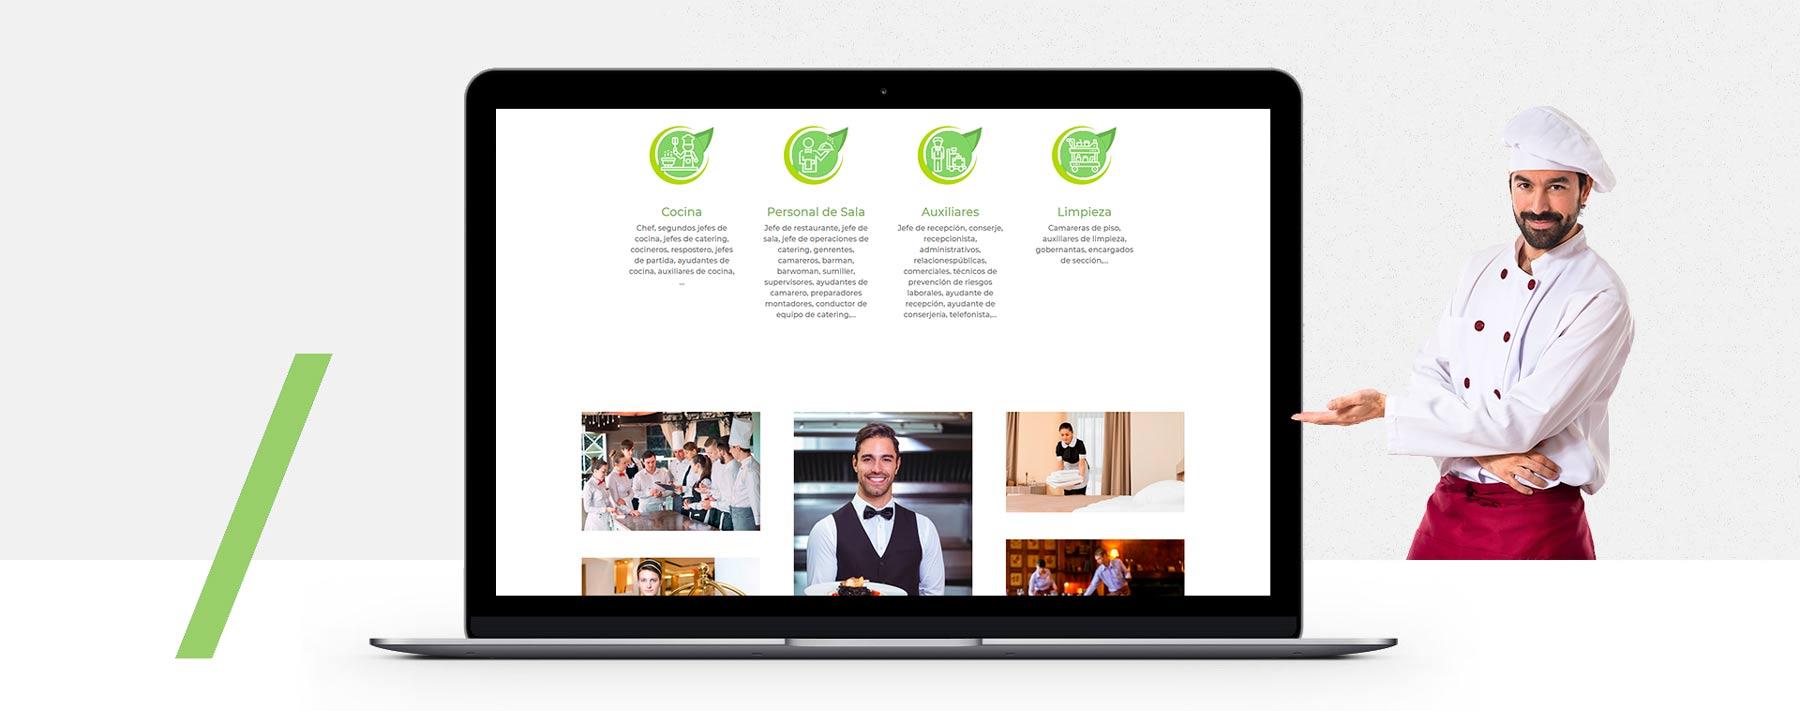 Presentacion diseño web externalizar servicio hotel y restaurante Málaga Madrid